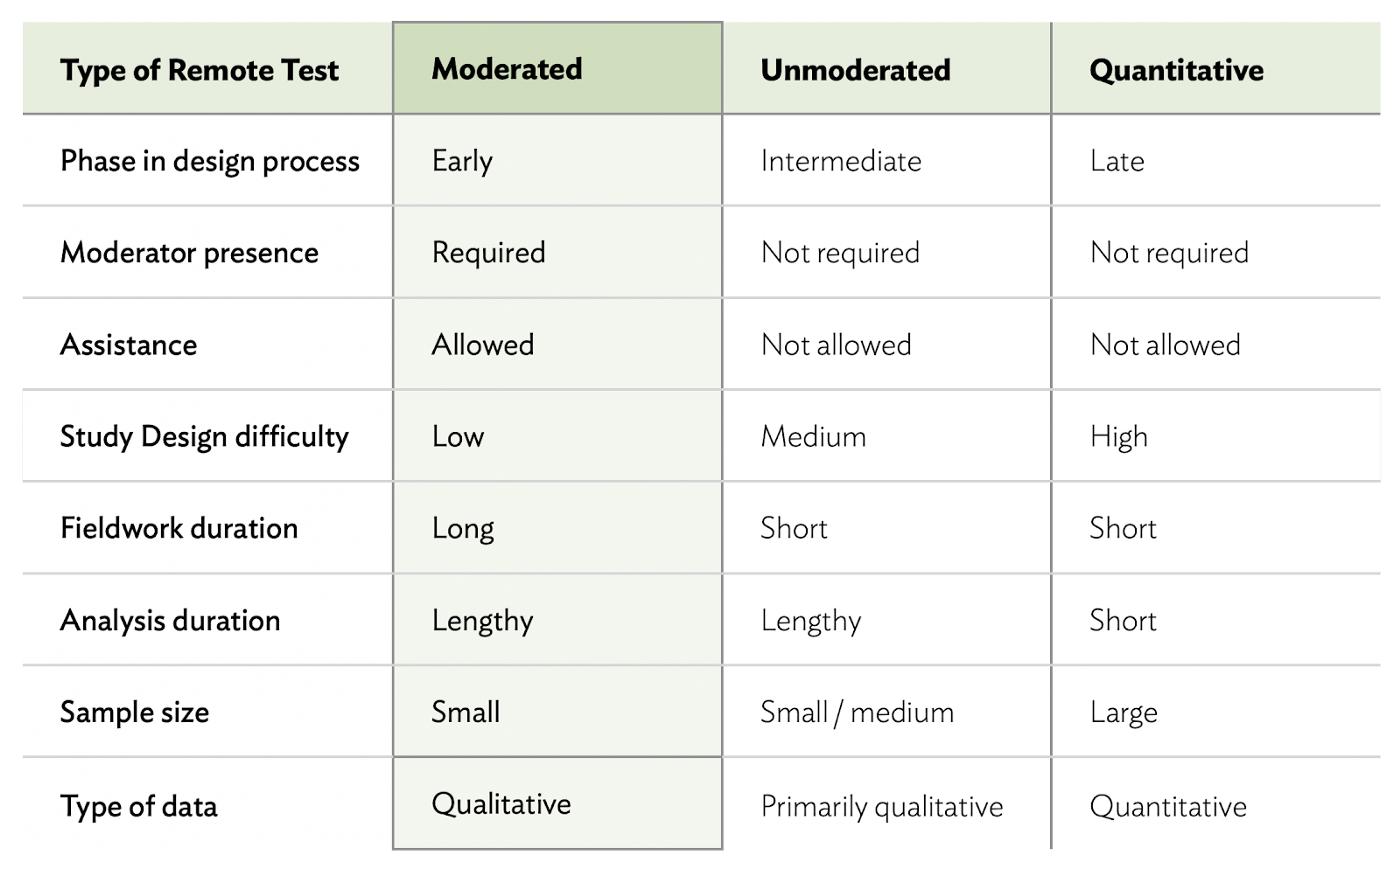 リモートテスト手法の比較(モデレートされたリモートテスト)